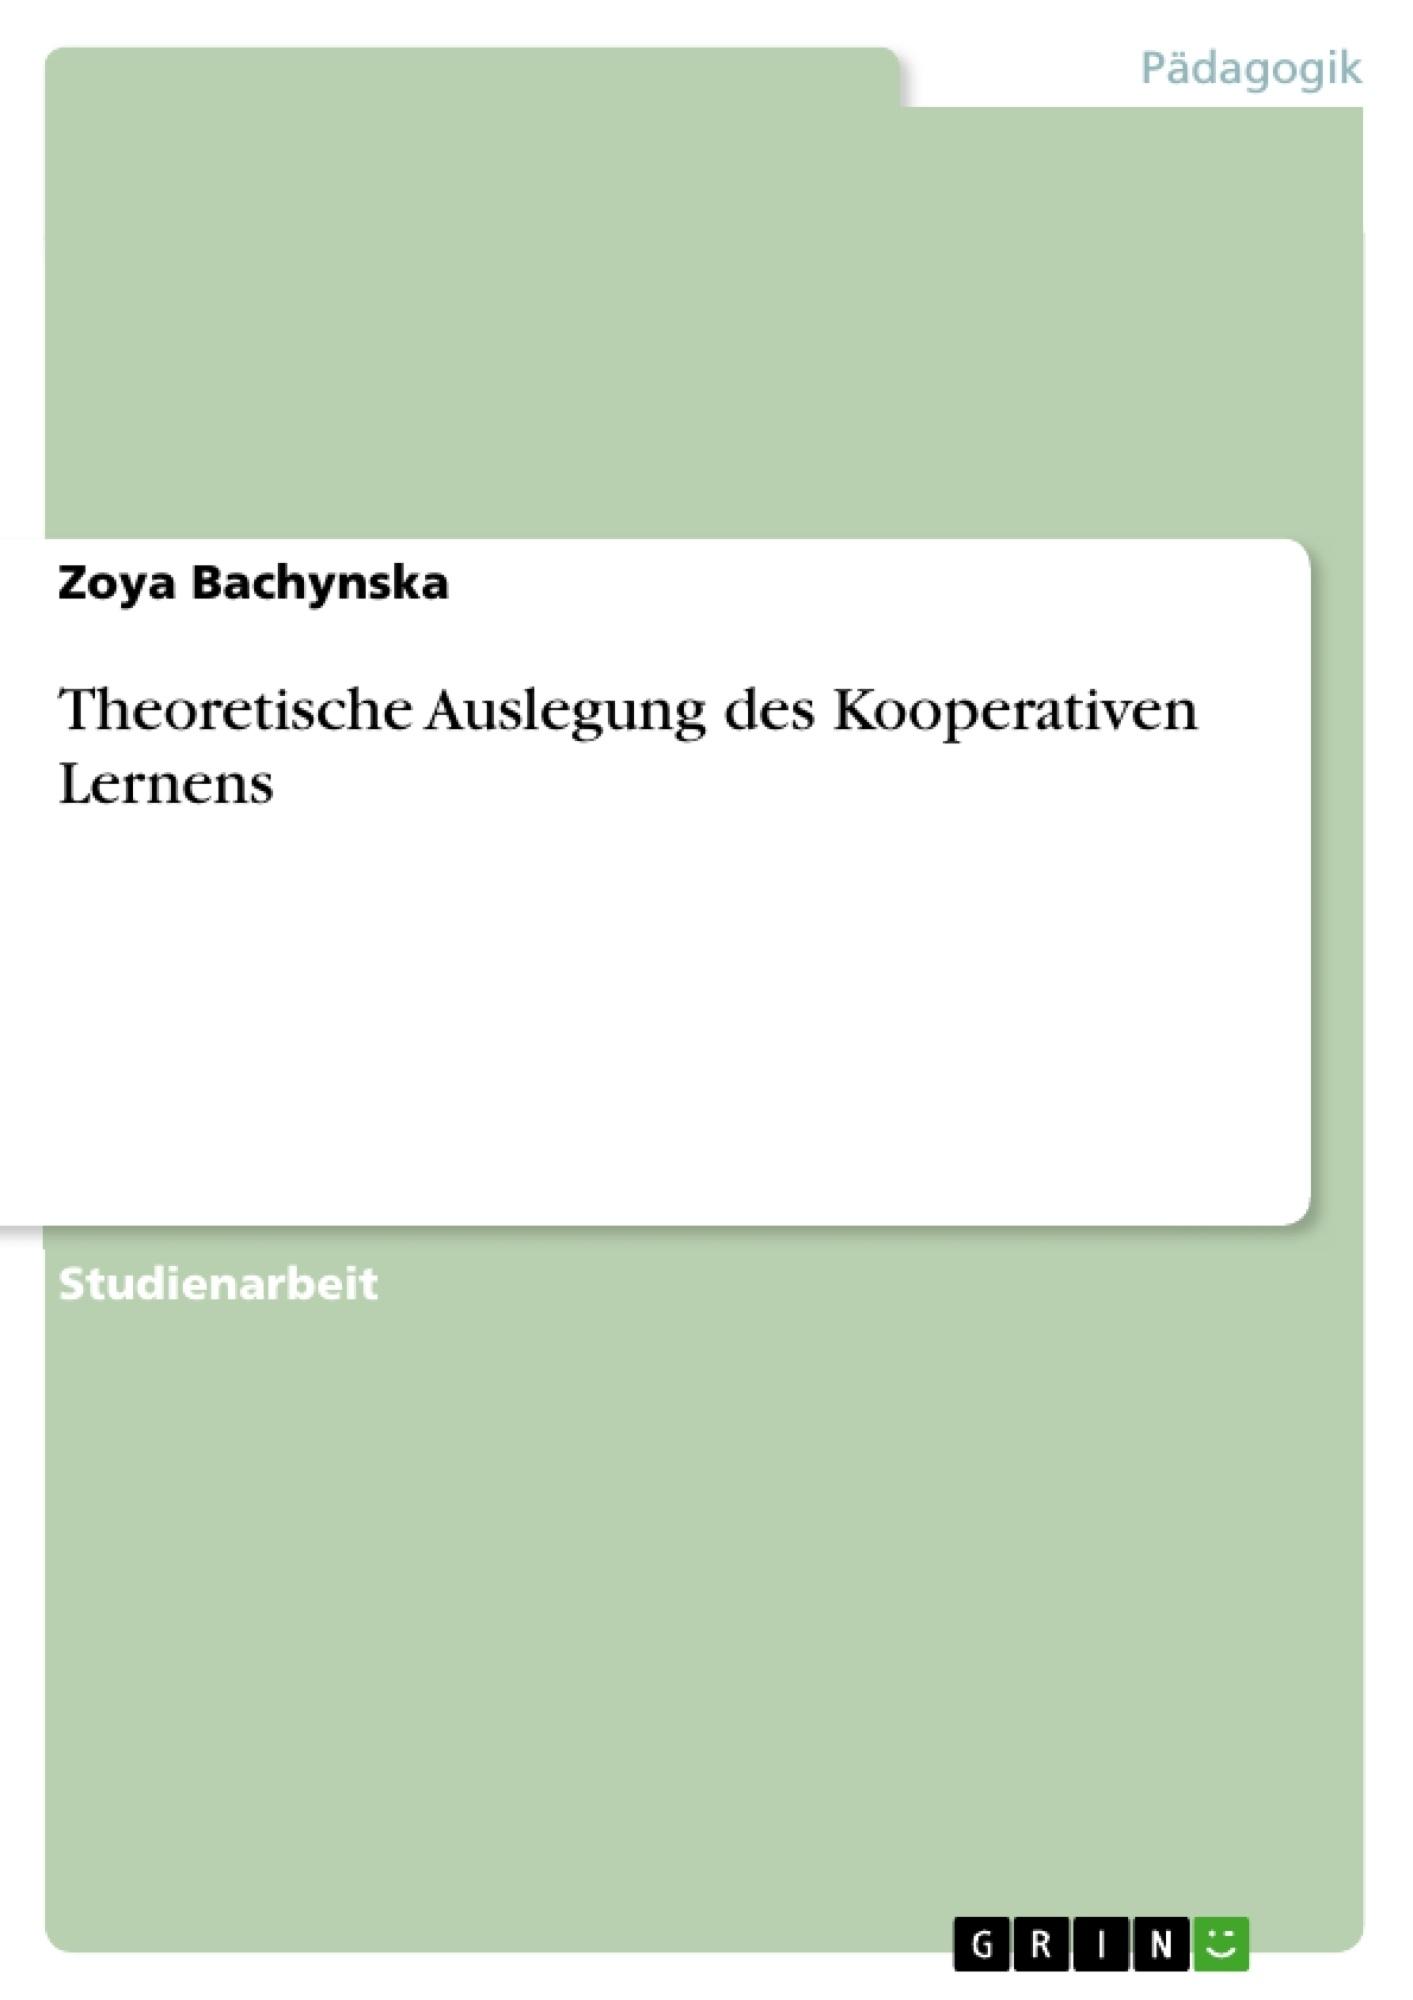 Titel: Theoretische Auslegung des Kooperativen Lernens